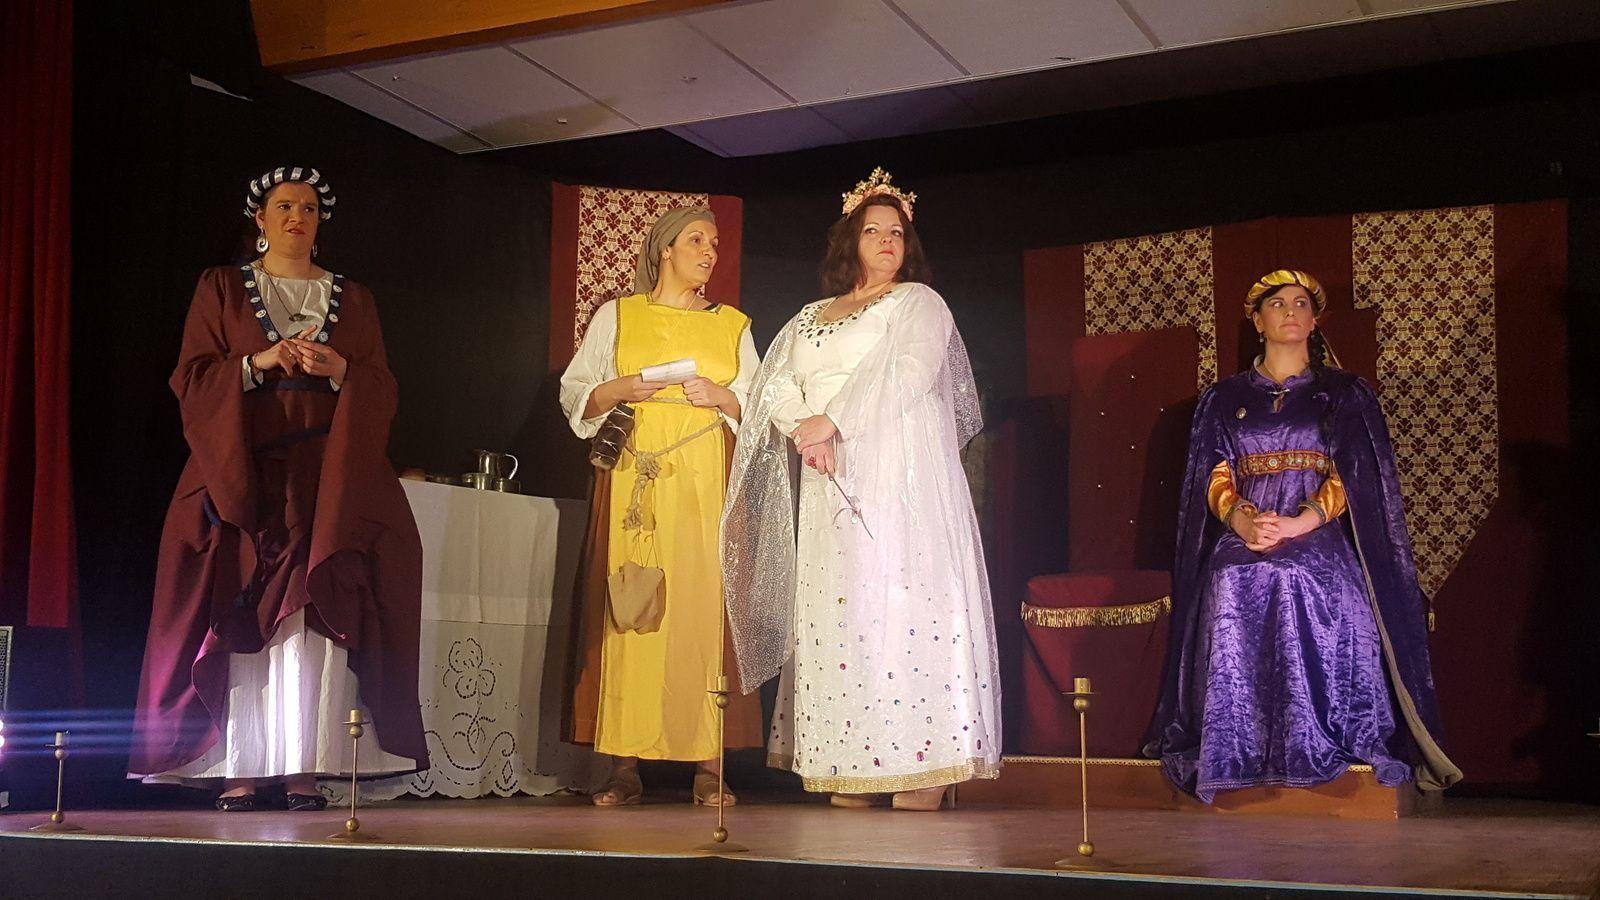 Mosaïques présente : Conte de Faits de et par les Compagnons du Théâtre